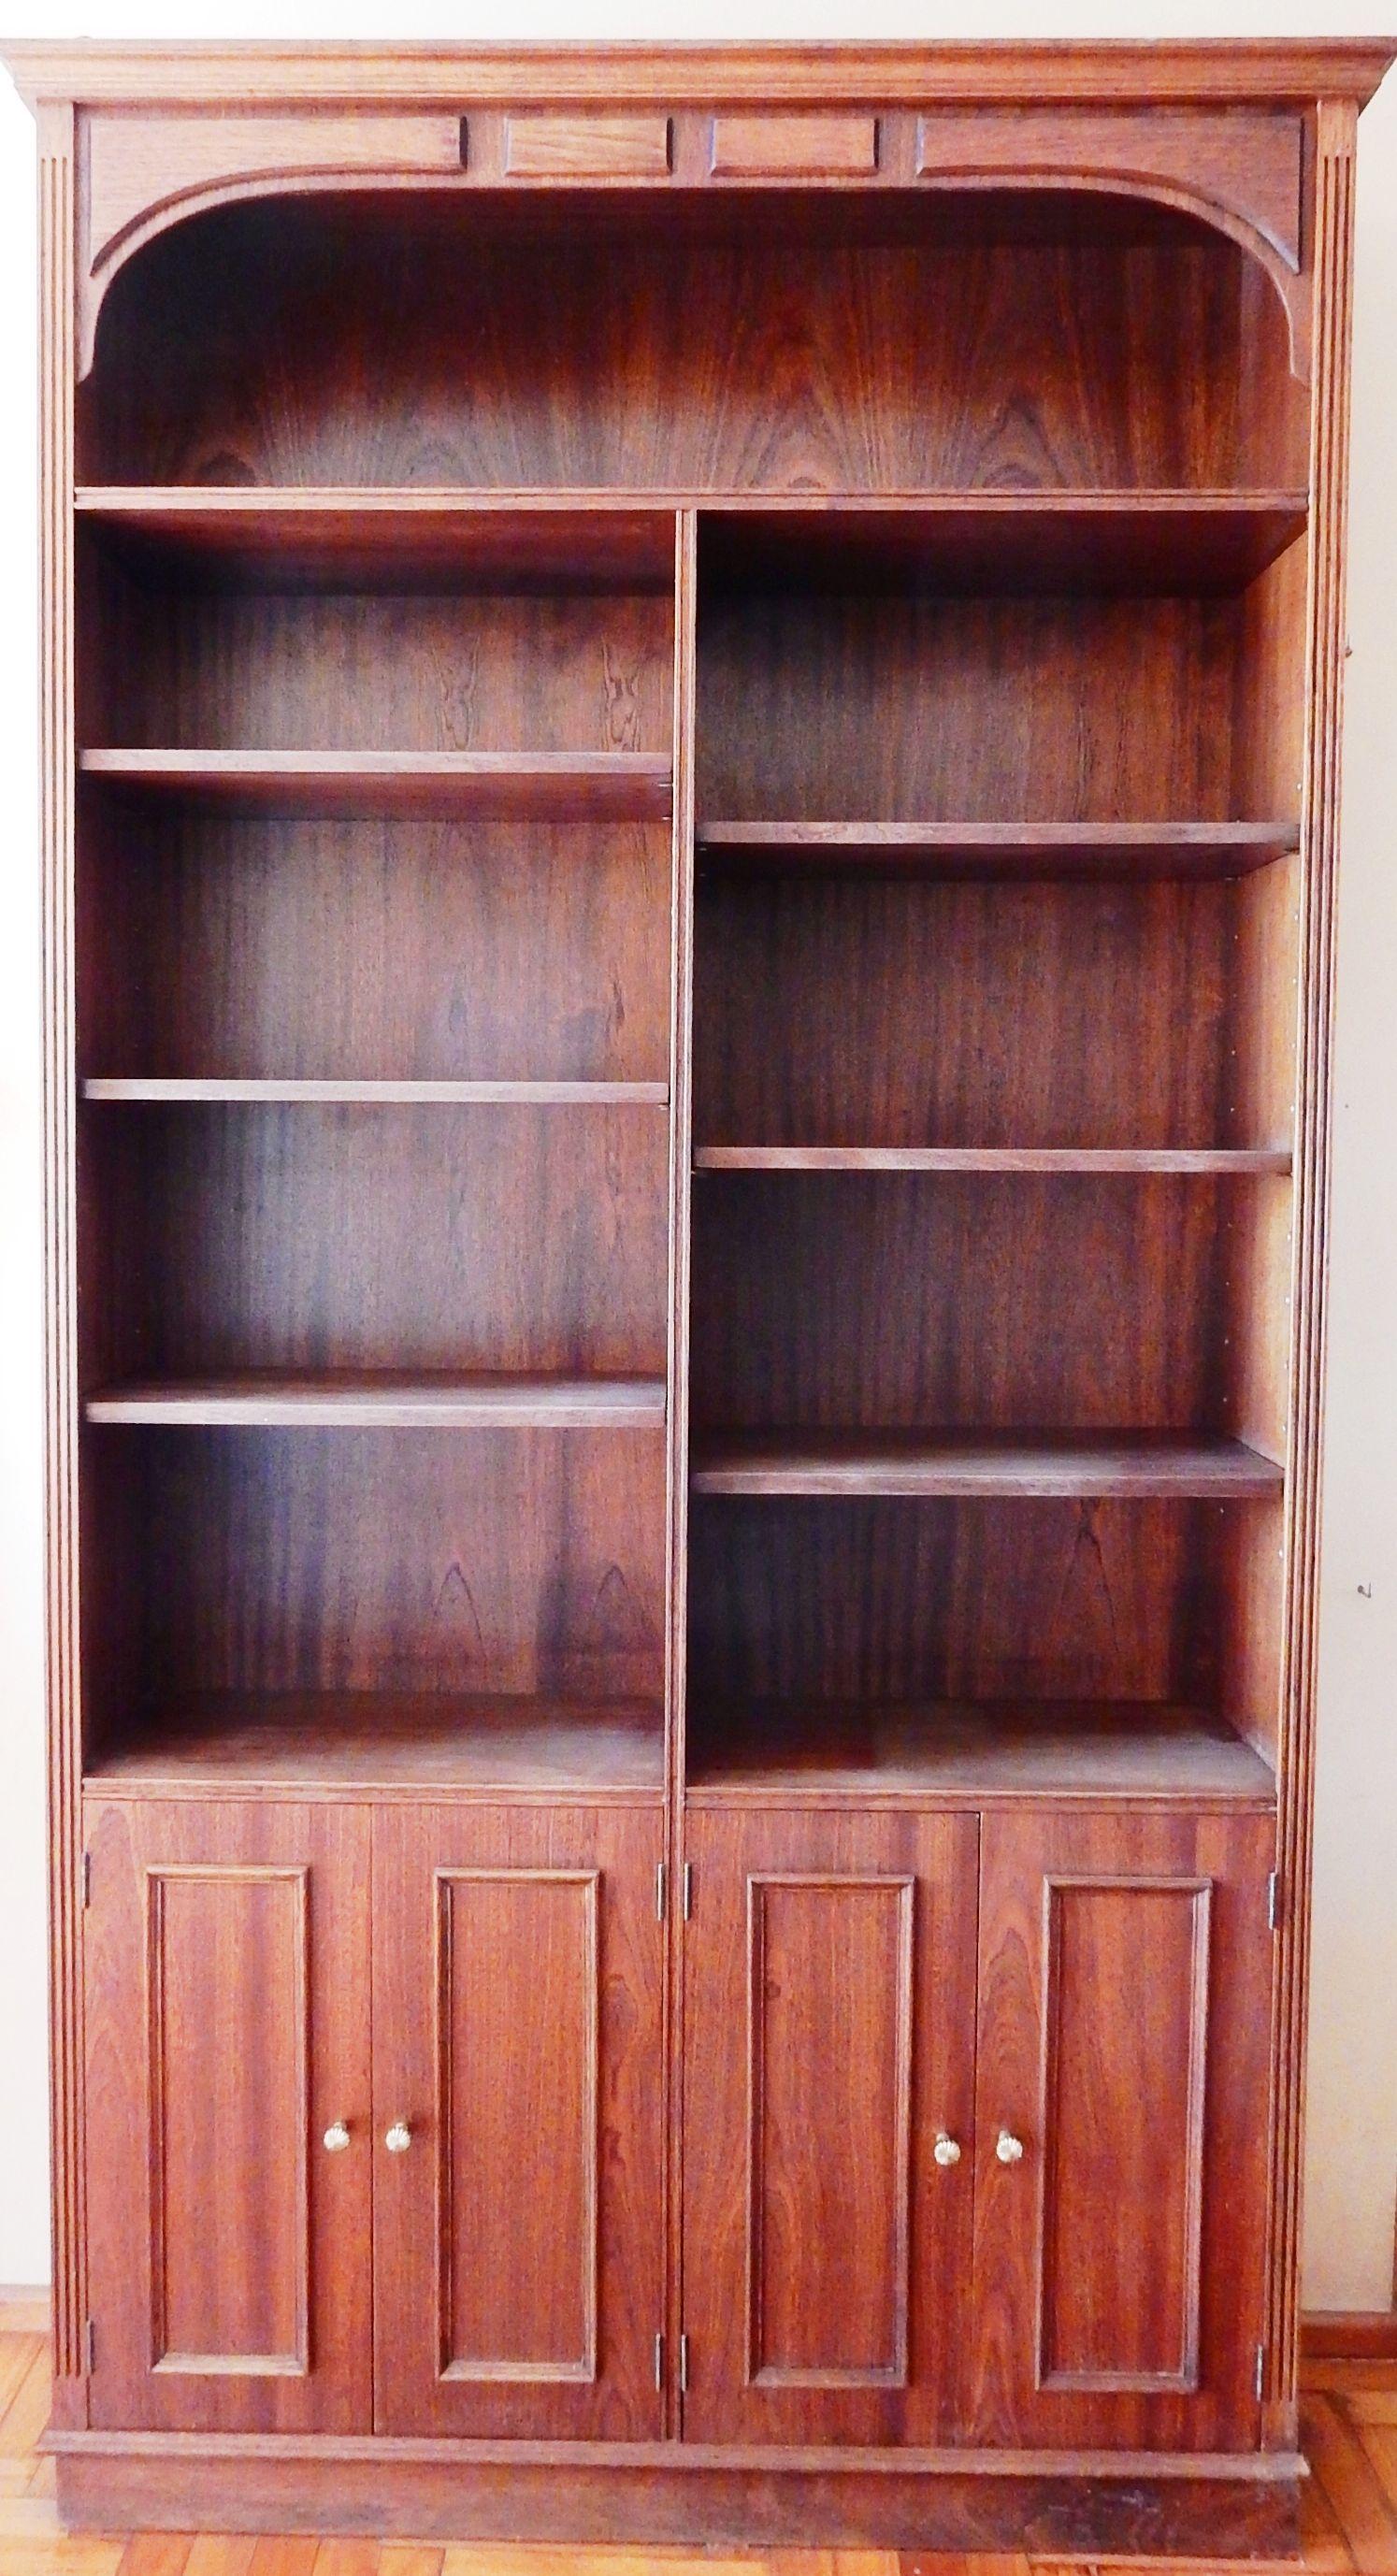 Impresionante Biblioteca Estilo Ingles Madera De Cedro Molduras